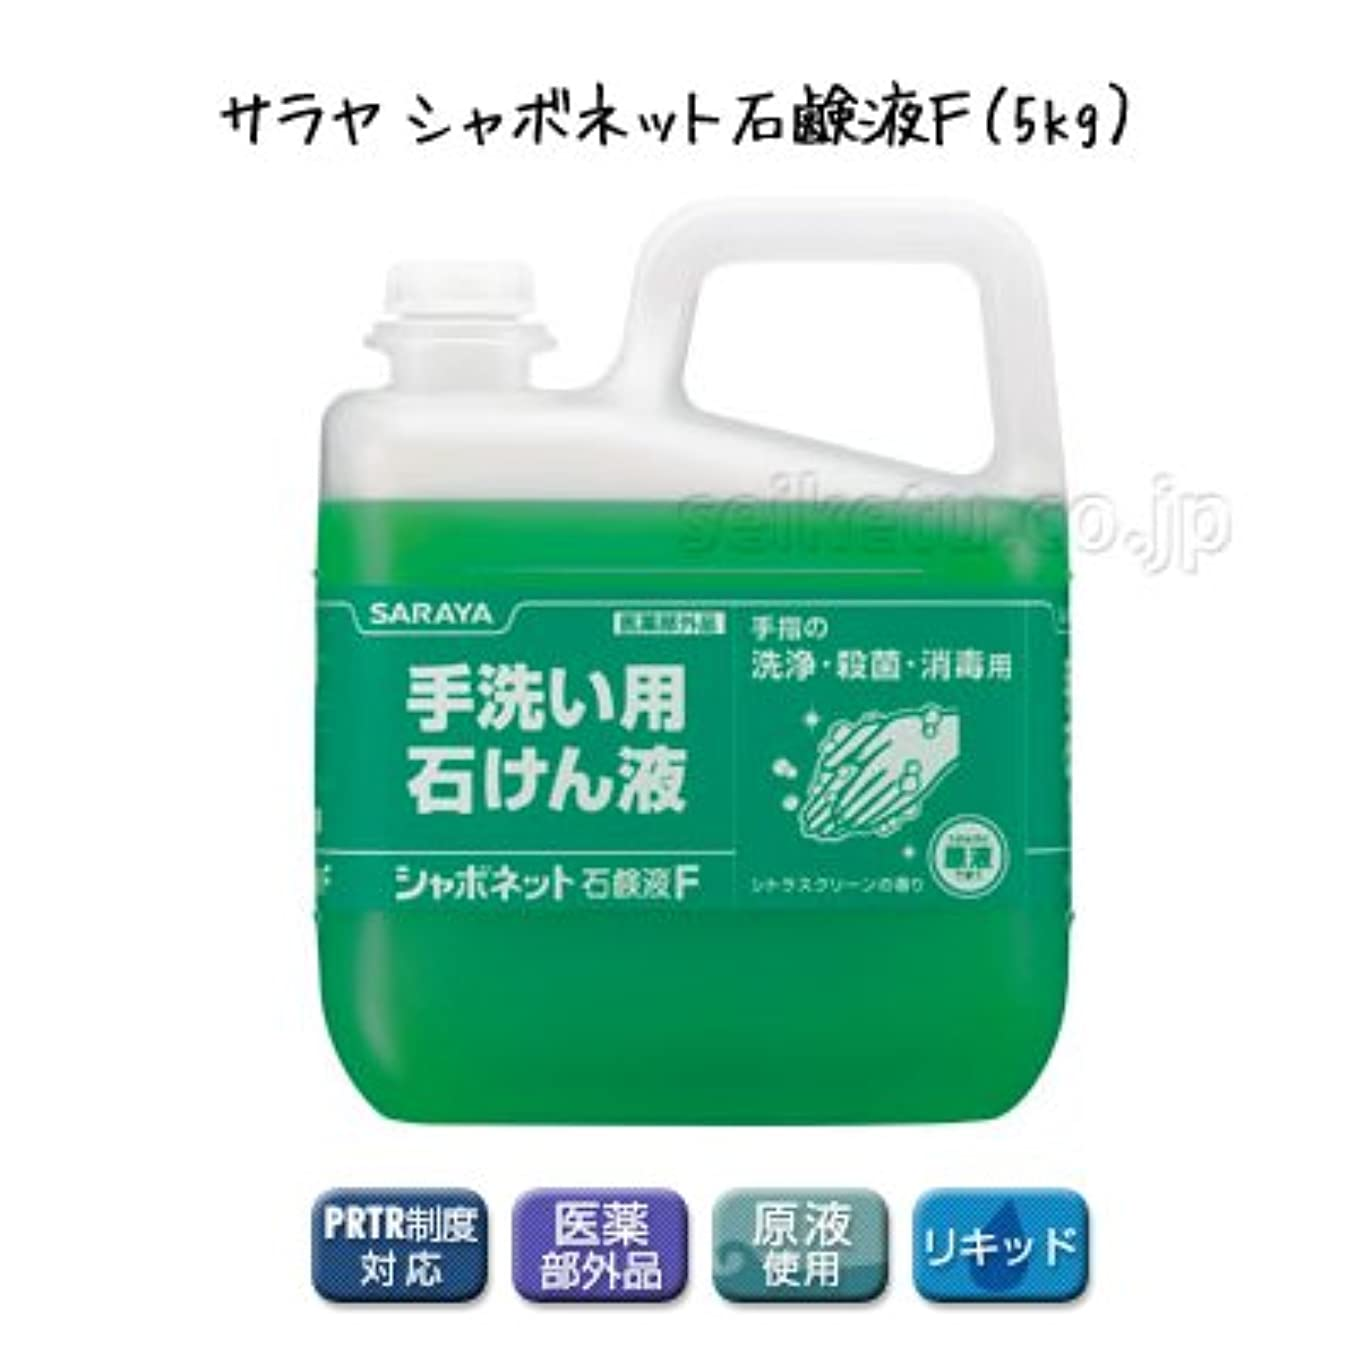 暴行運河適用済み【清潔キレイ館】サラヤ シャボネット石鹸液F(5kg)